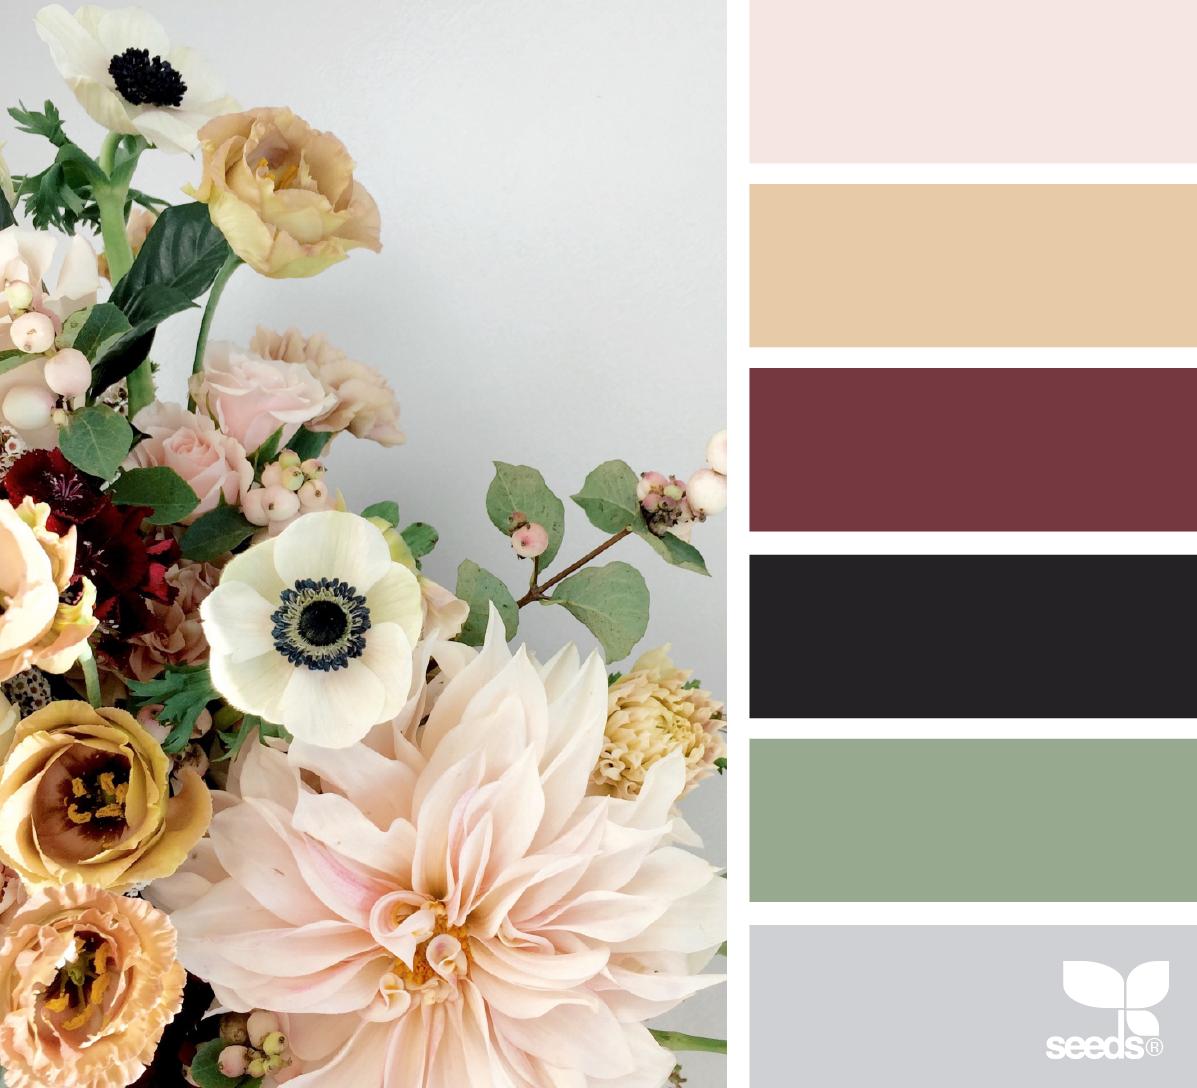 Цветовое сочетание на фото